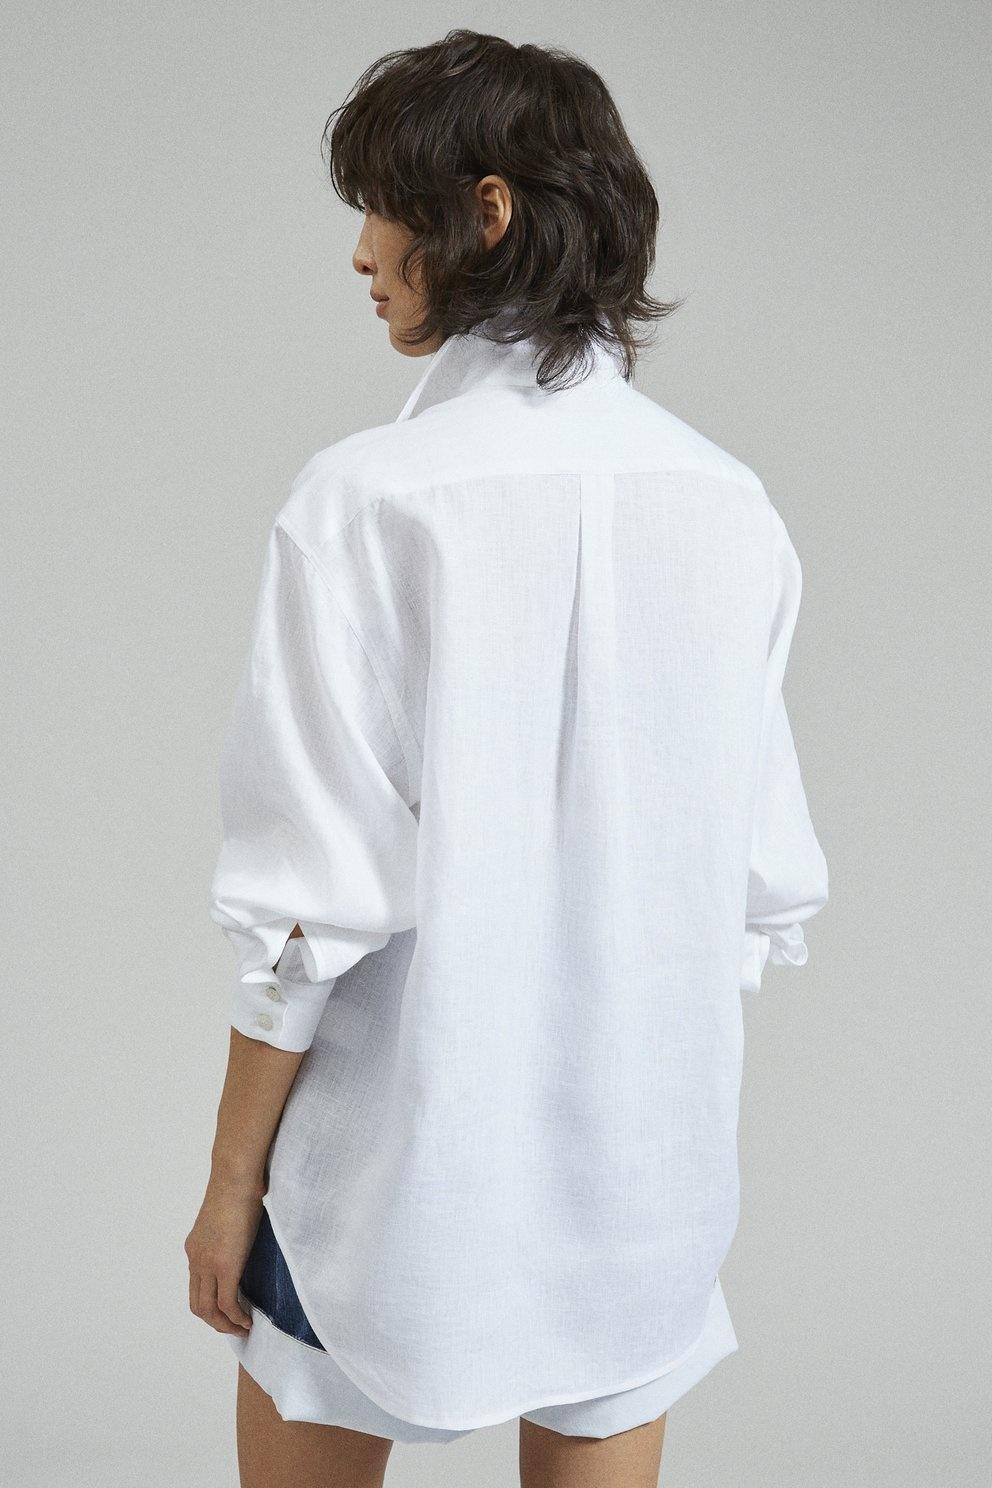 Ames Top Lightweight Linen White